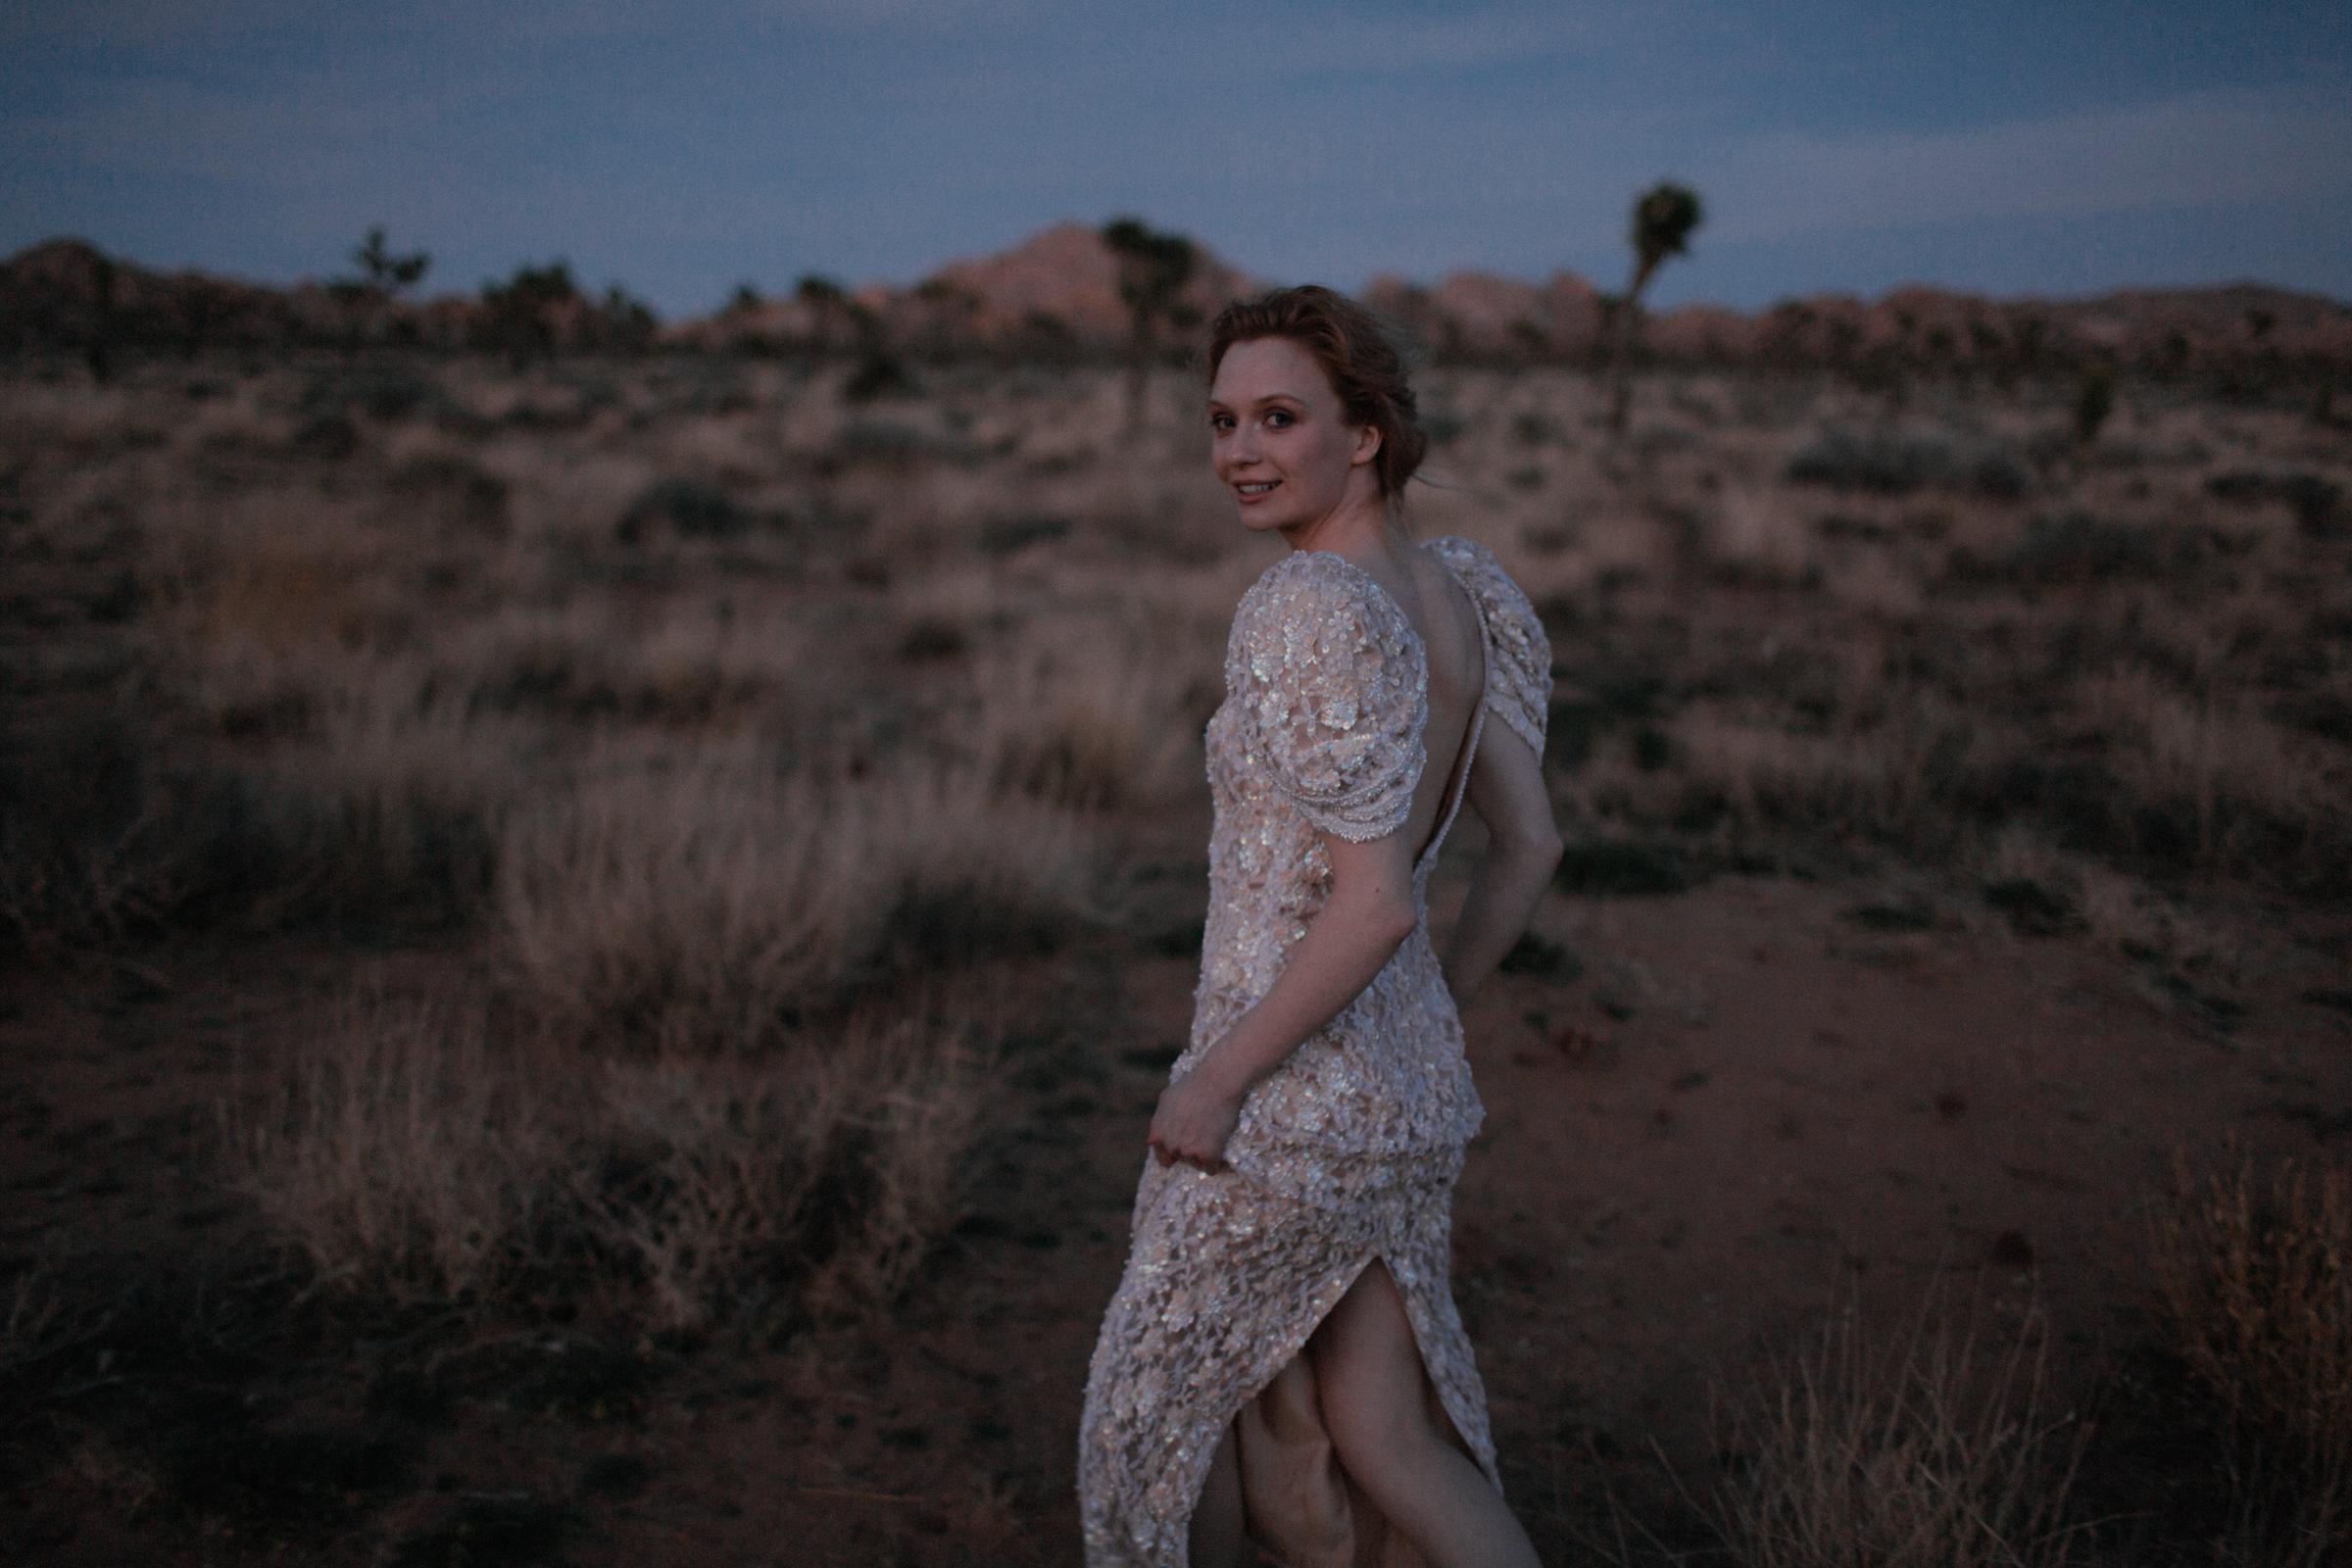 A recent portrait series of my friend, musician Eva Ross.2018